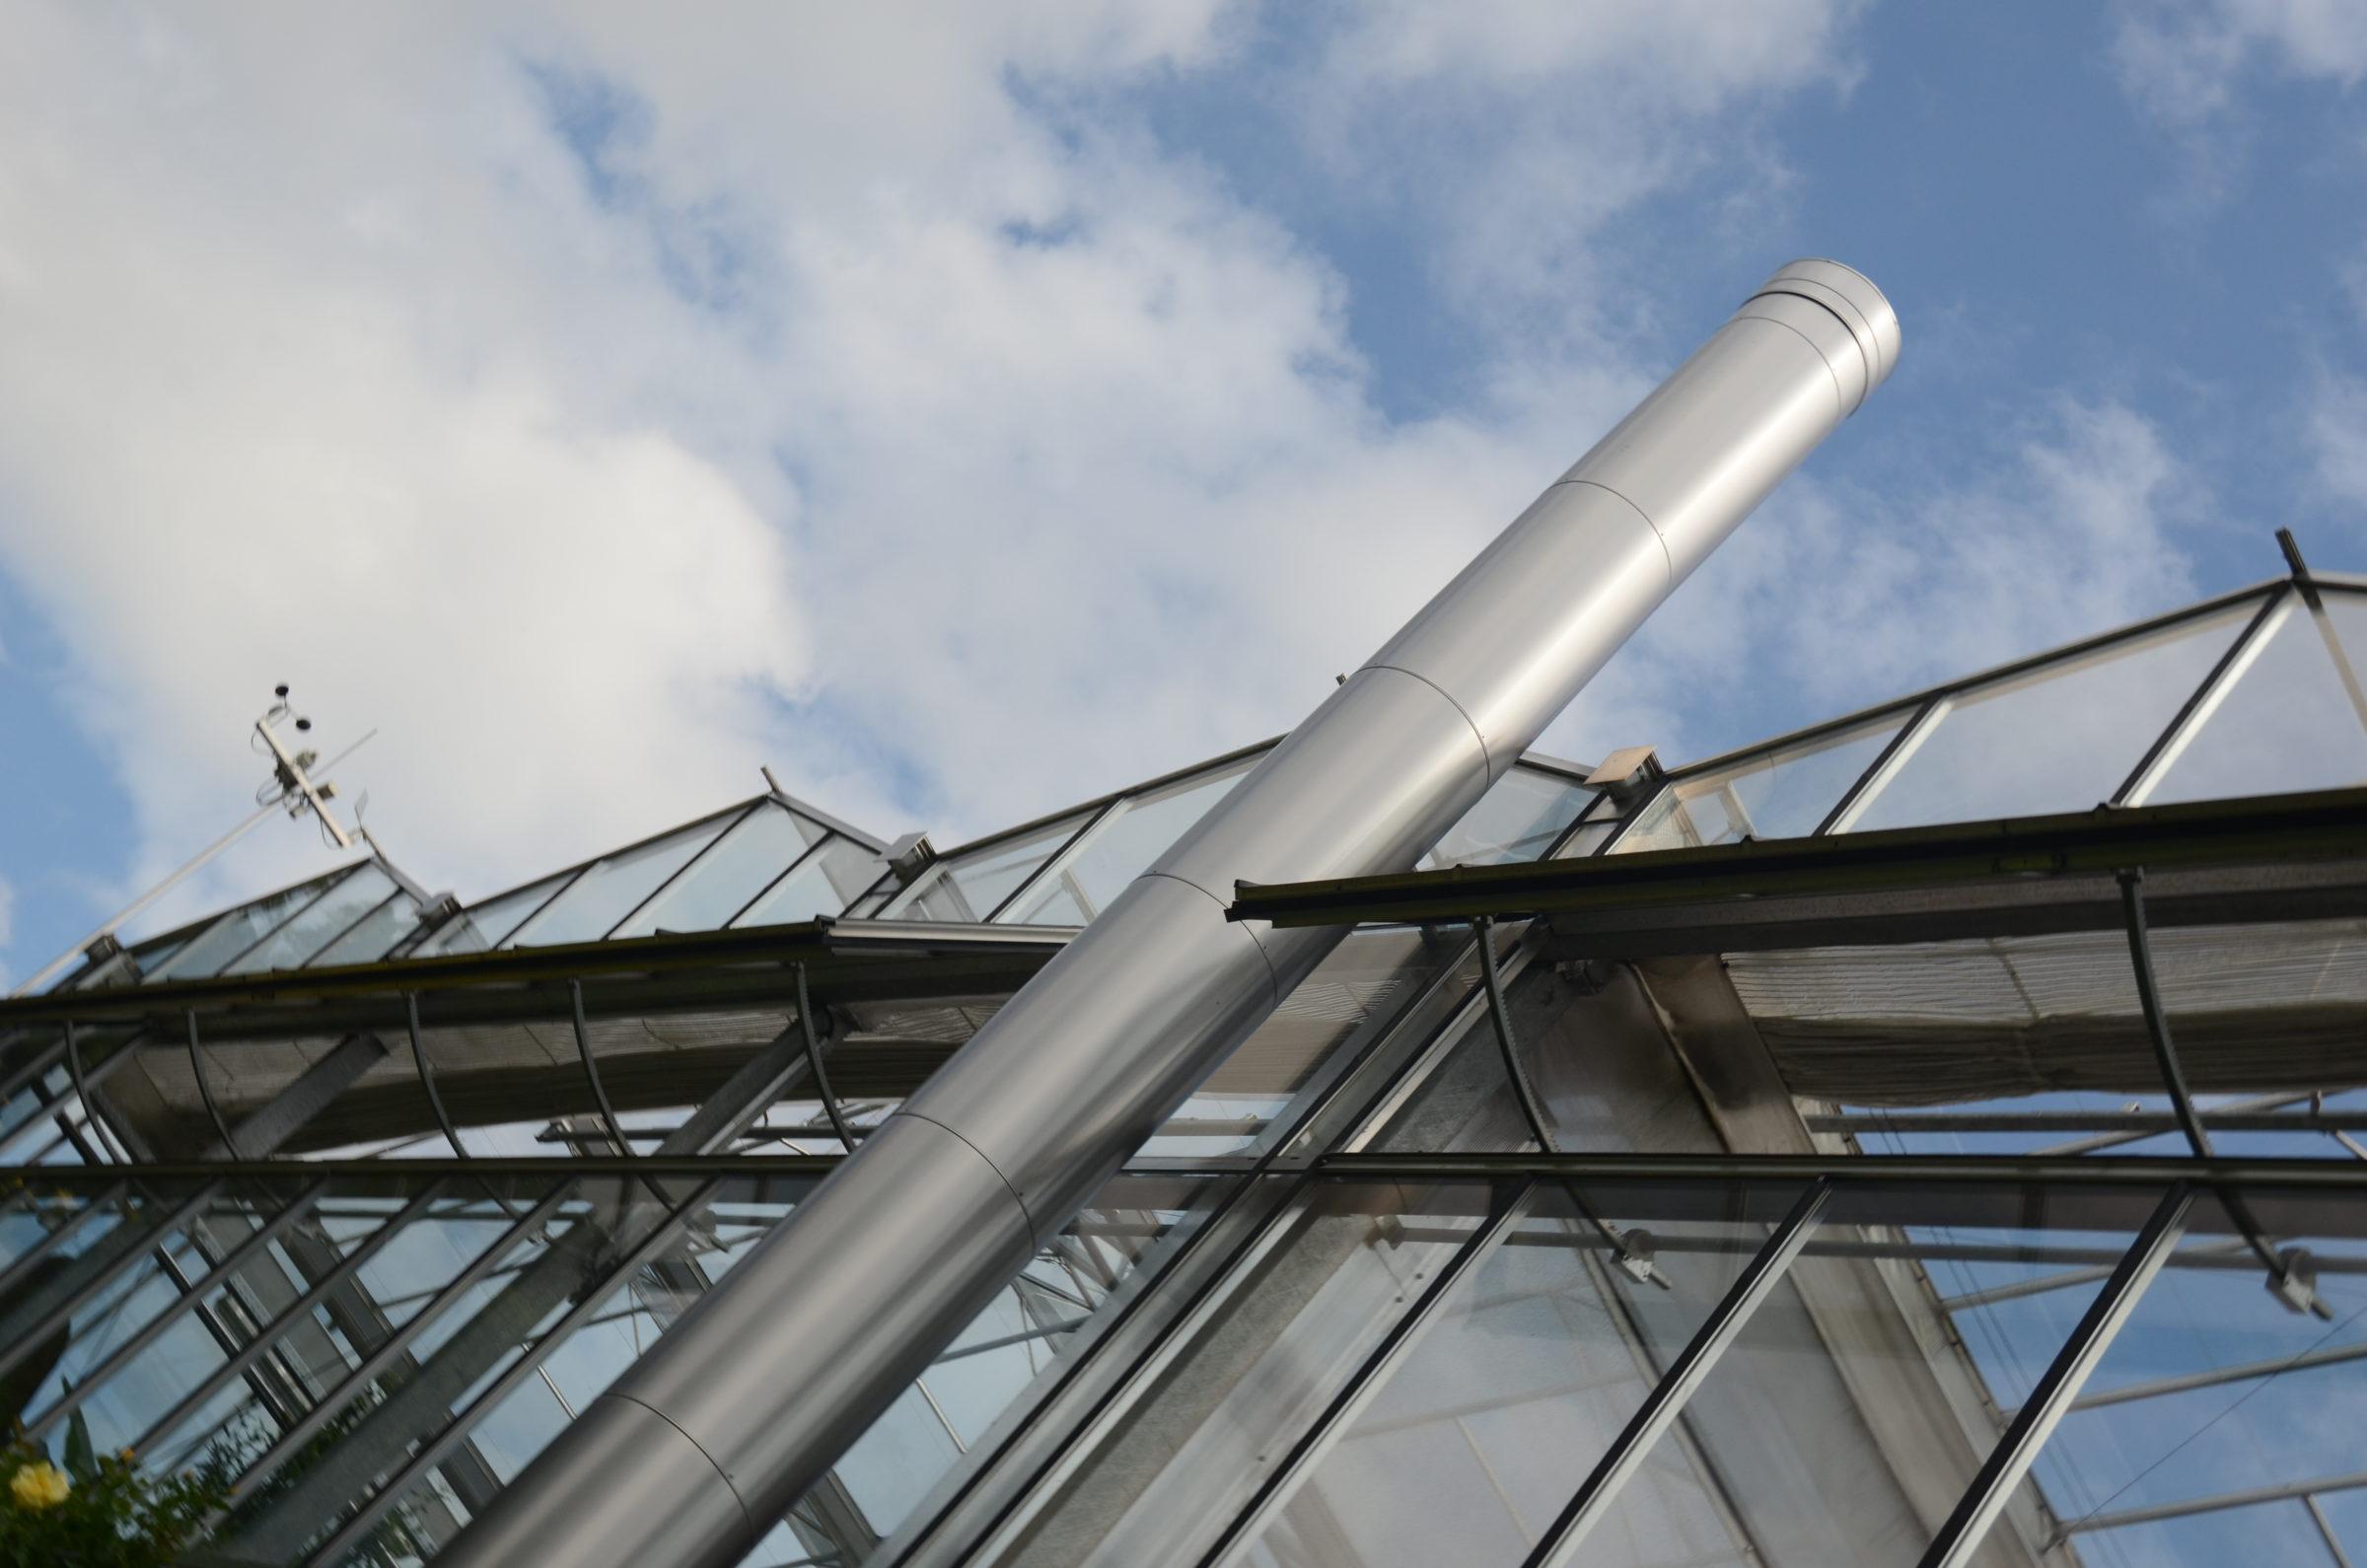 Klimatisierung von Gewächshäusern im Sommer